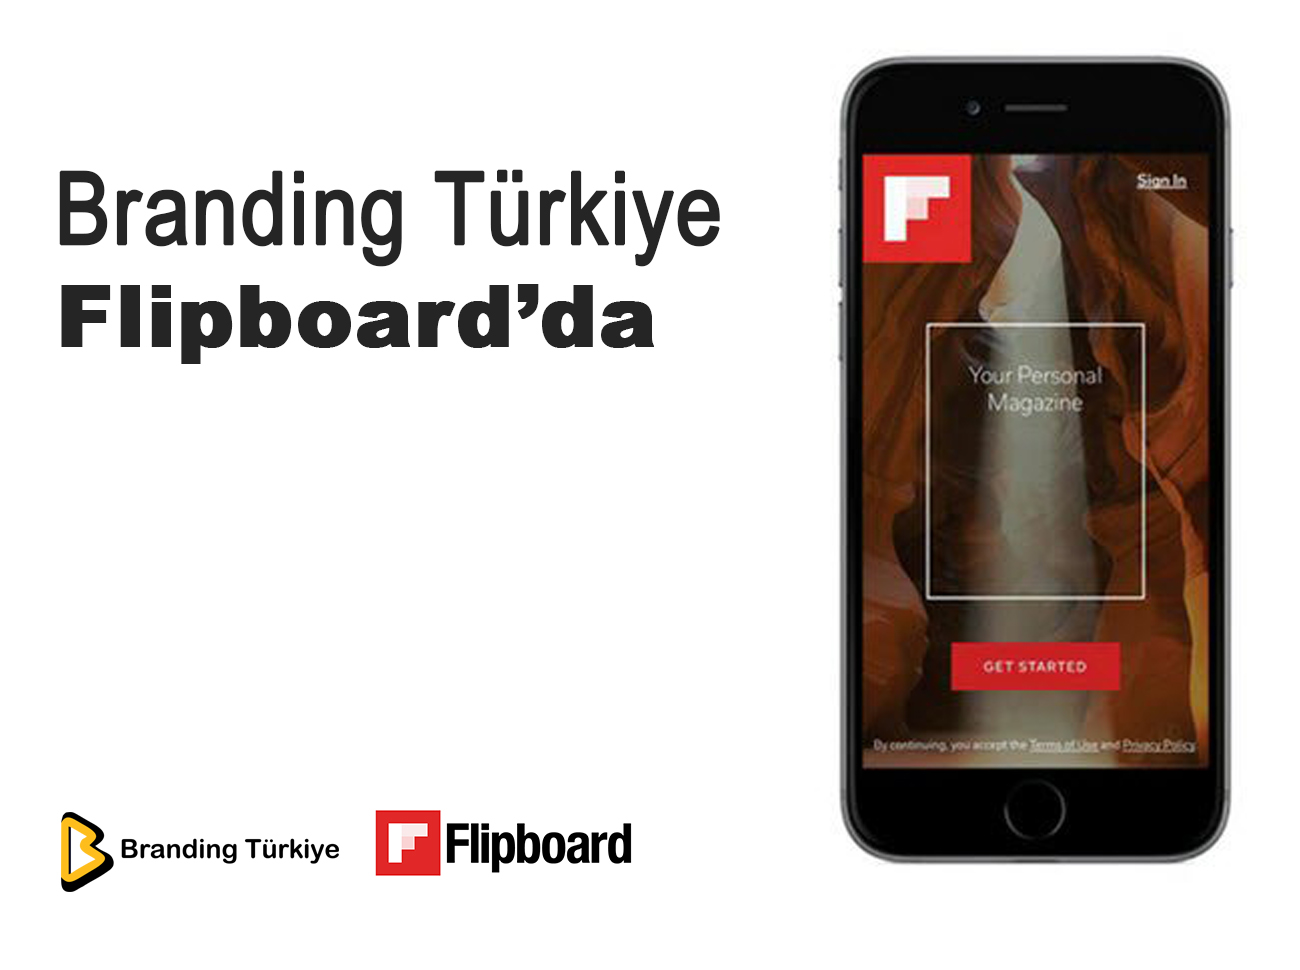 Branding Türkiye Flipboard'da